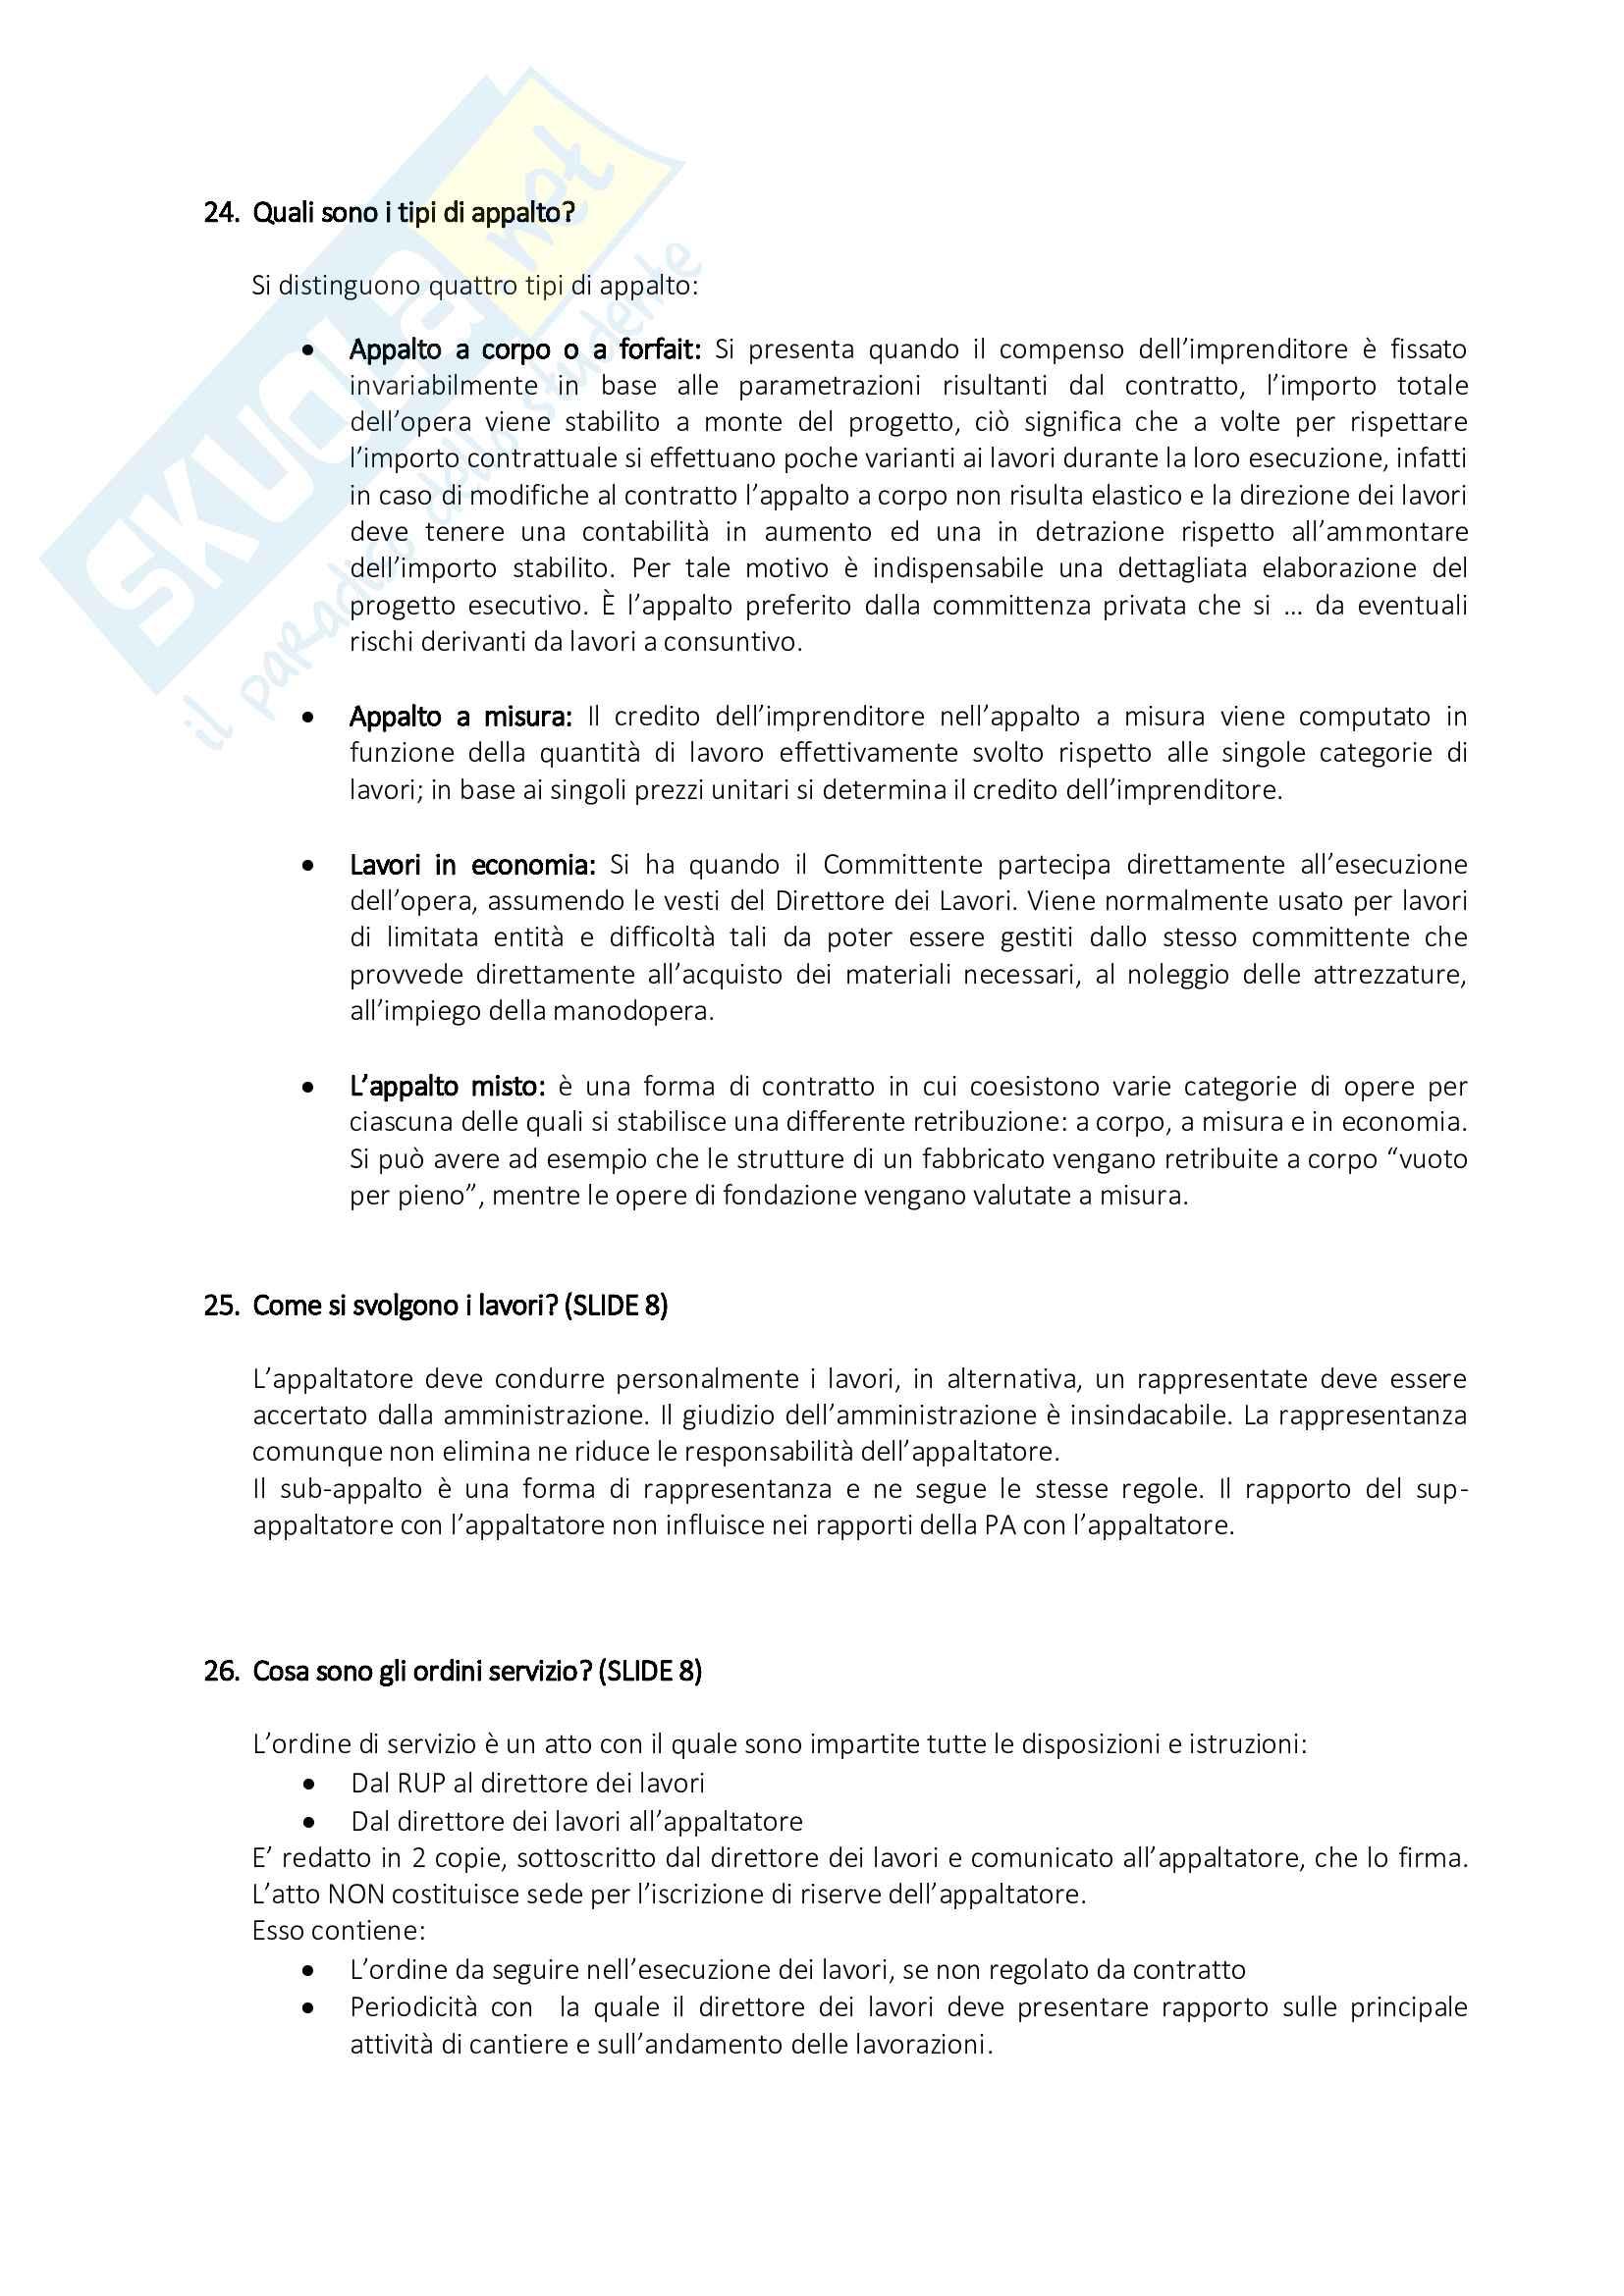 Organizzazione del Cantiere - Risposte alle Domande di Esame Pag. 11